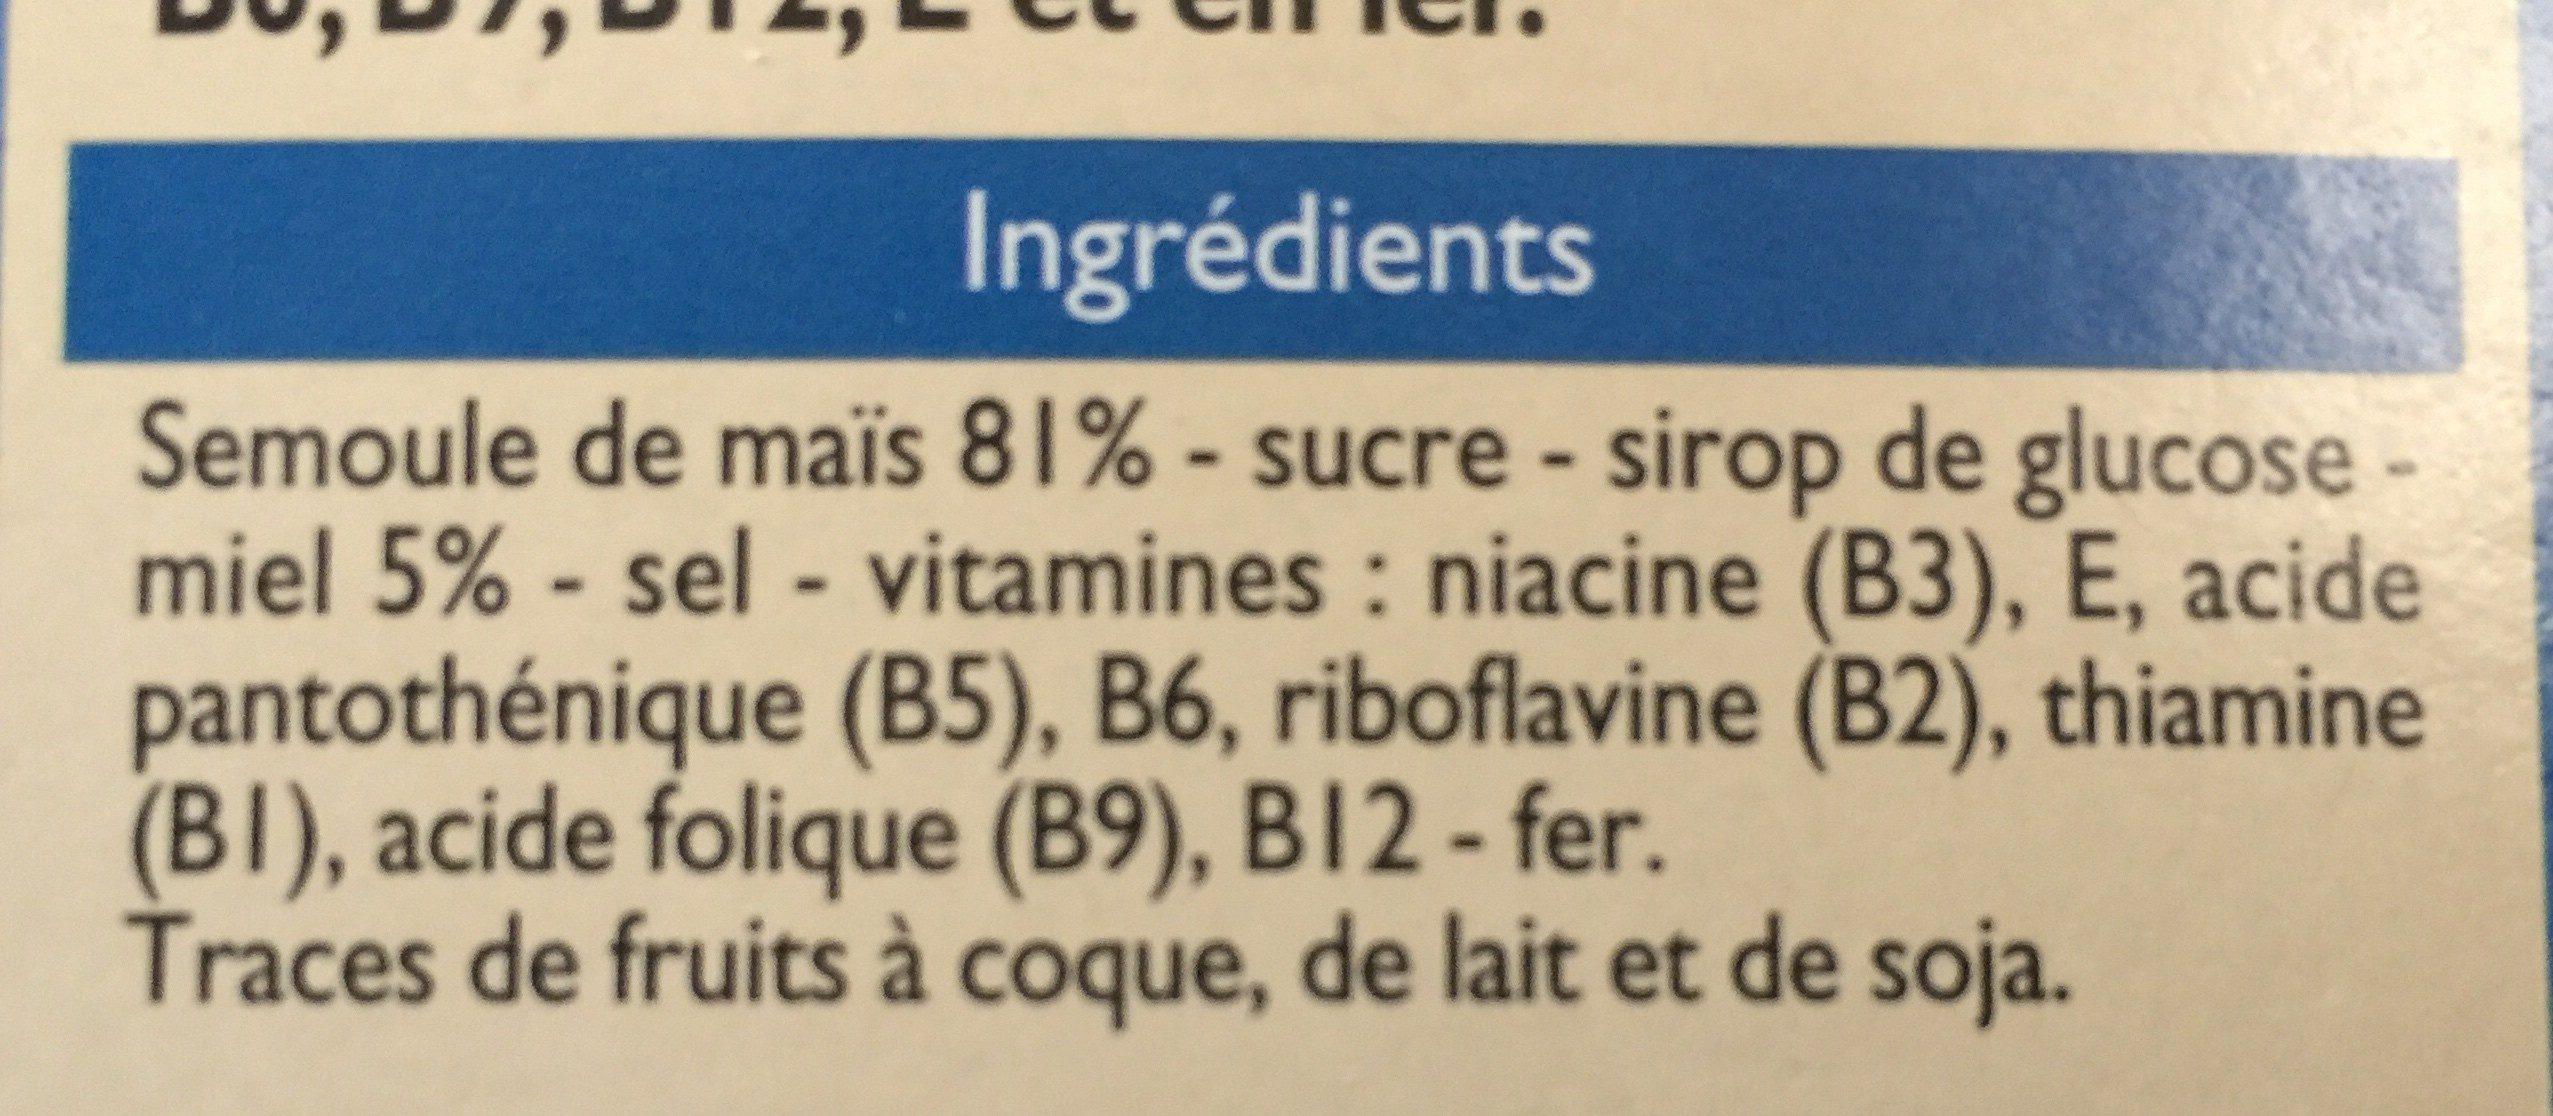 Topmiel - Ingrediënten - fr